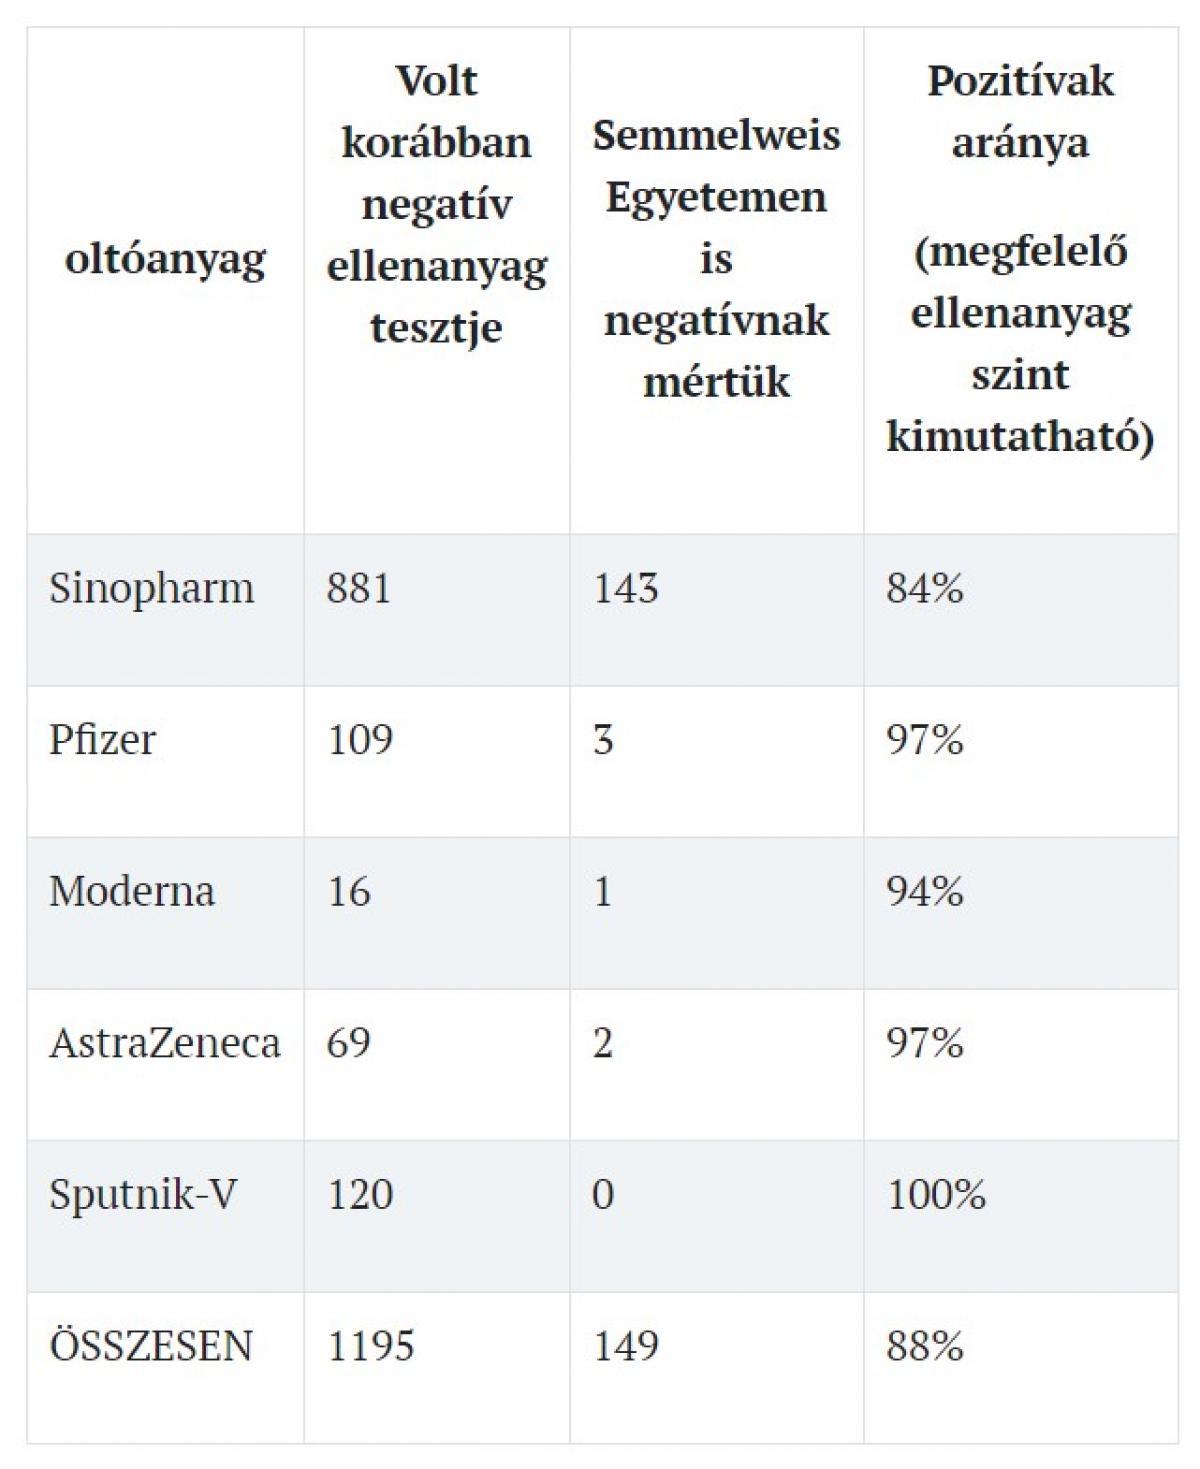 Megint komoly maflásba szaladt bele az oltásellenes baloldal: a Semmelweis Egyetem megmérte a vakcinák hatásosságát, és mind alkalmas és hatékony